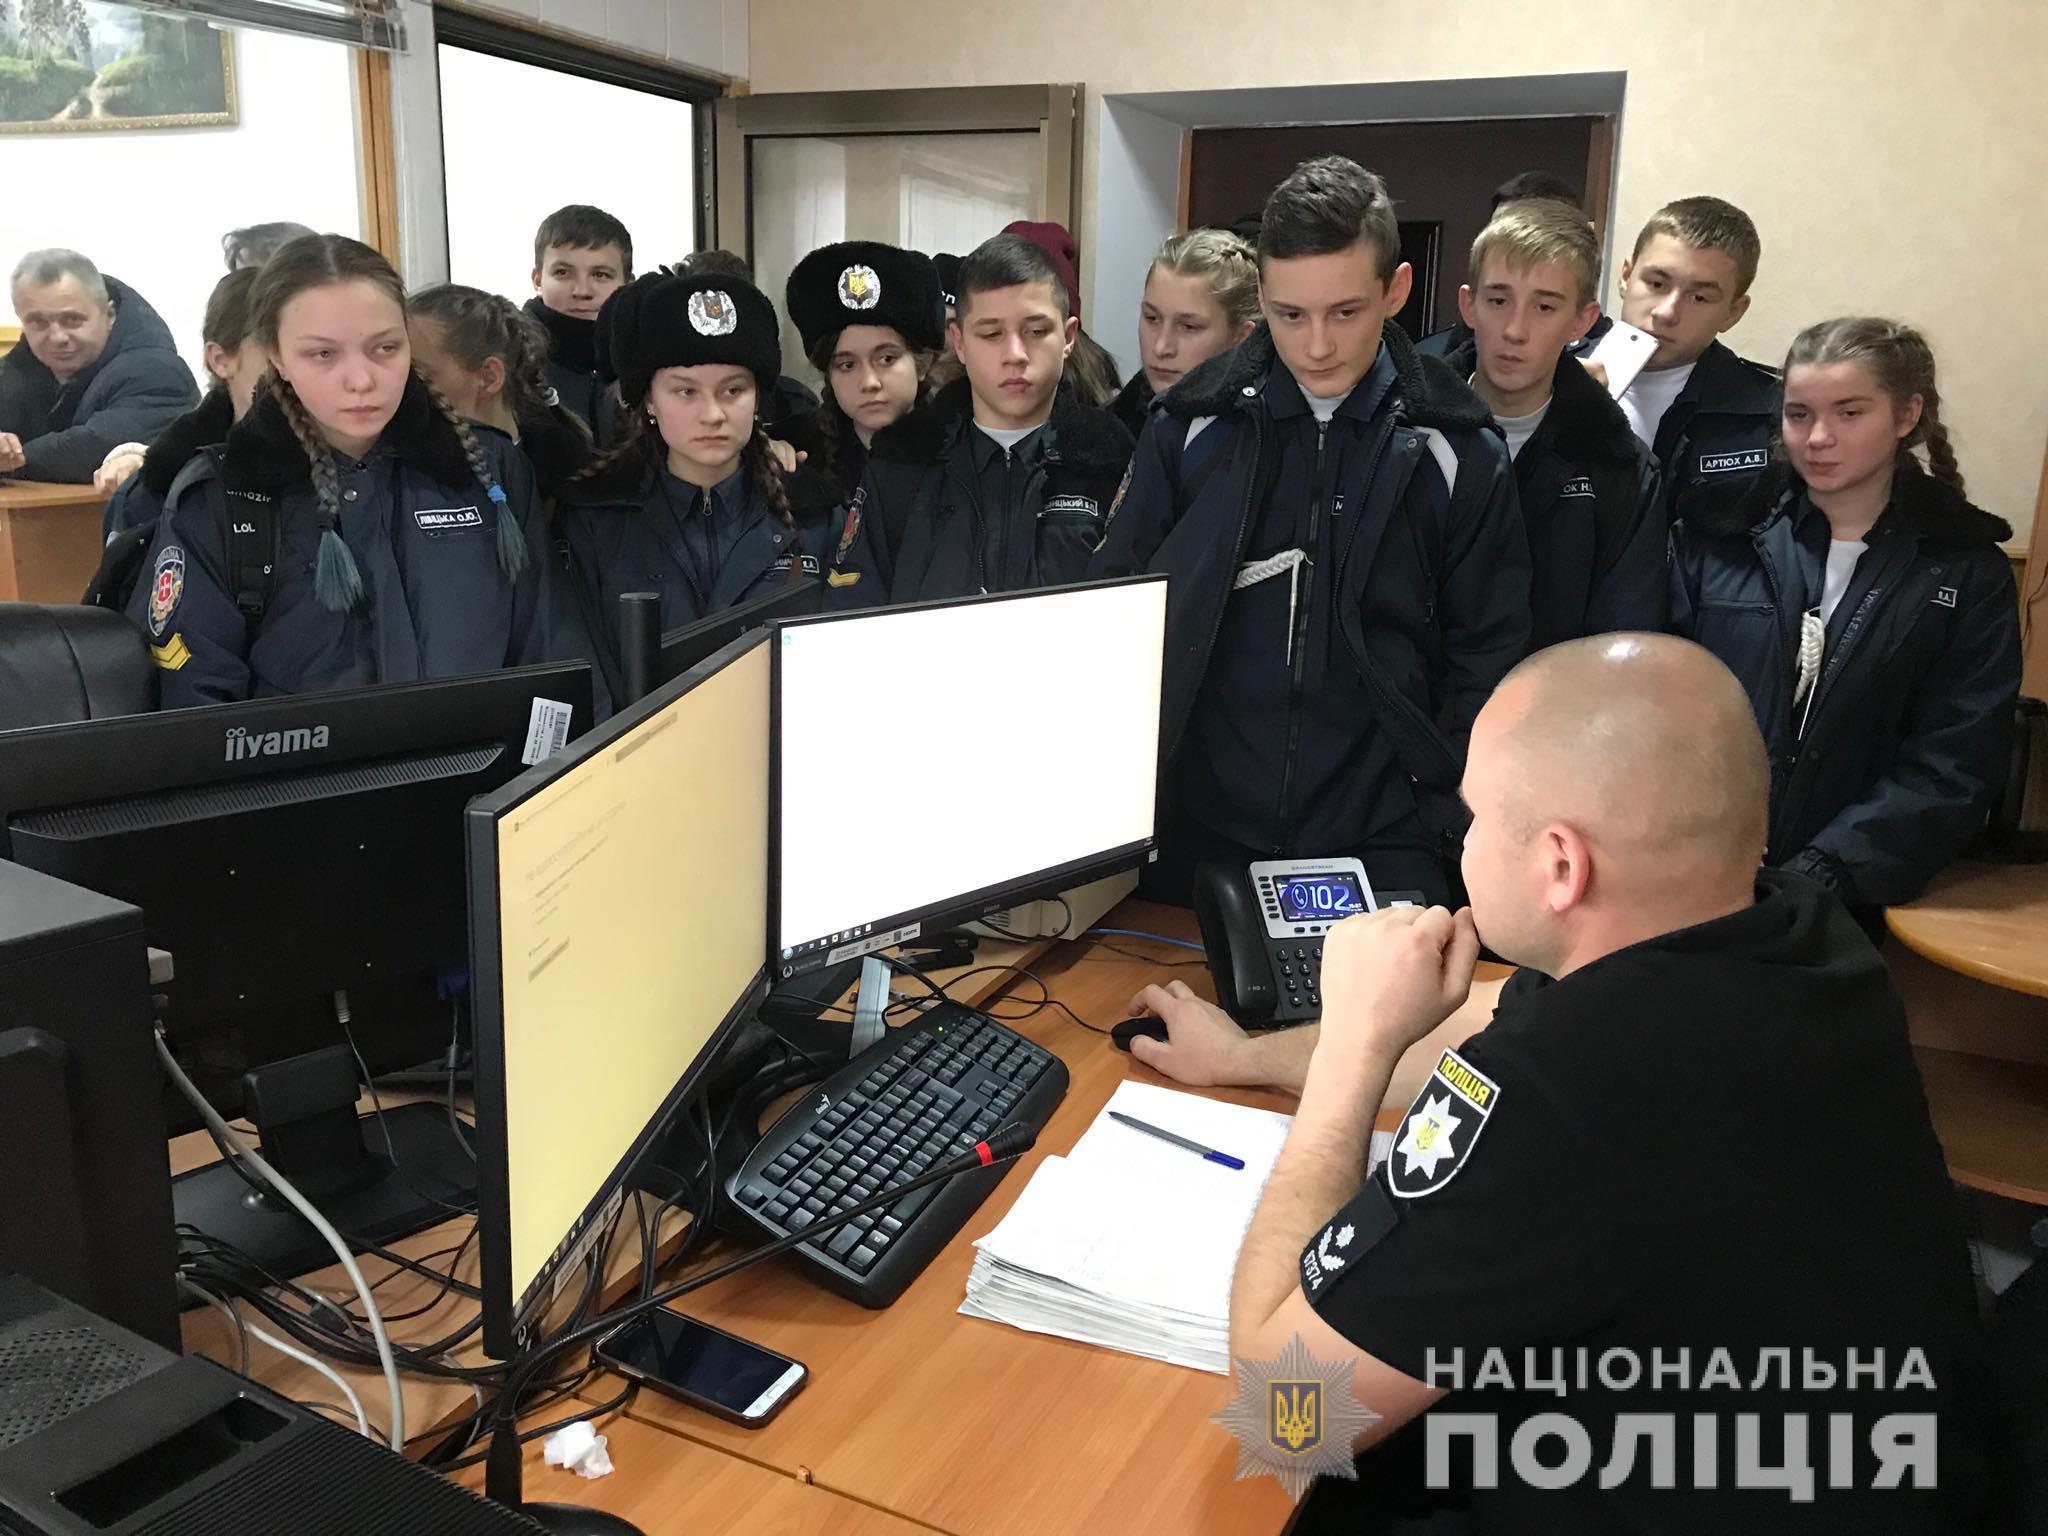 Волинські поліцейські розповіли ліцеїстам про свою професію